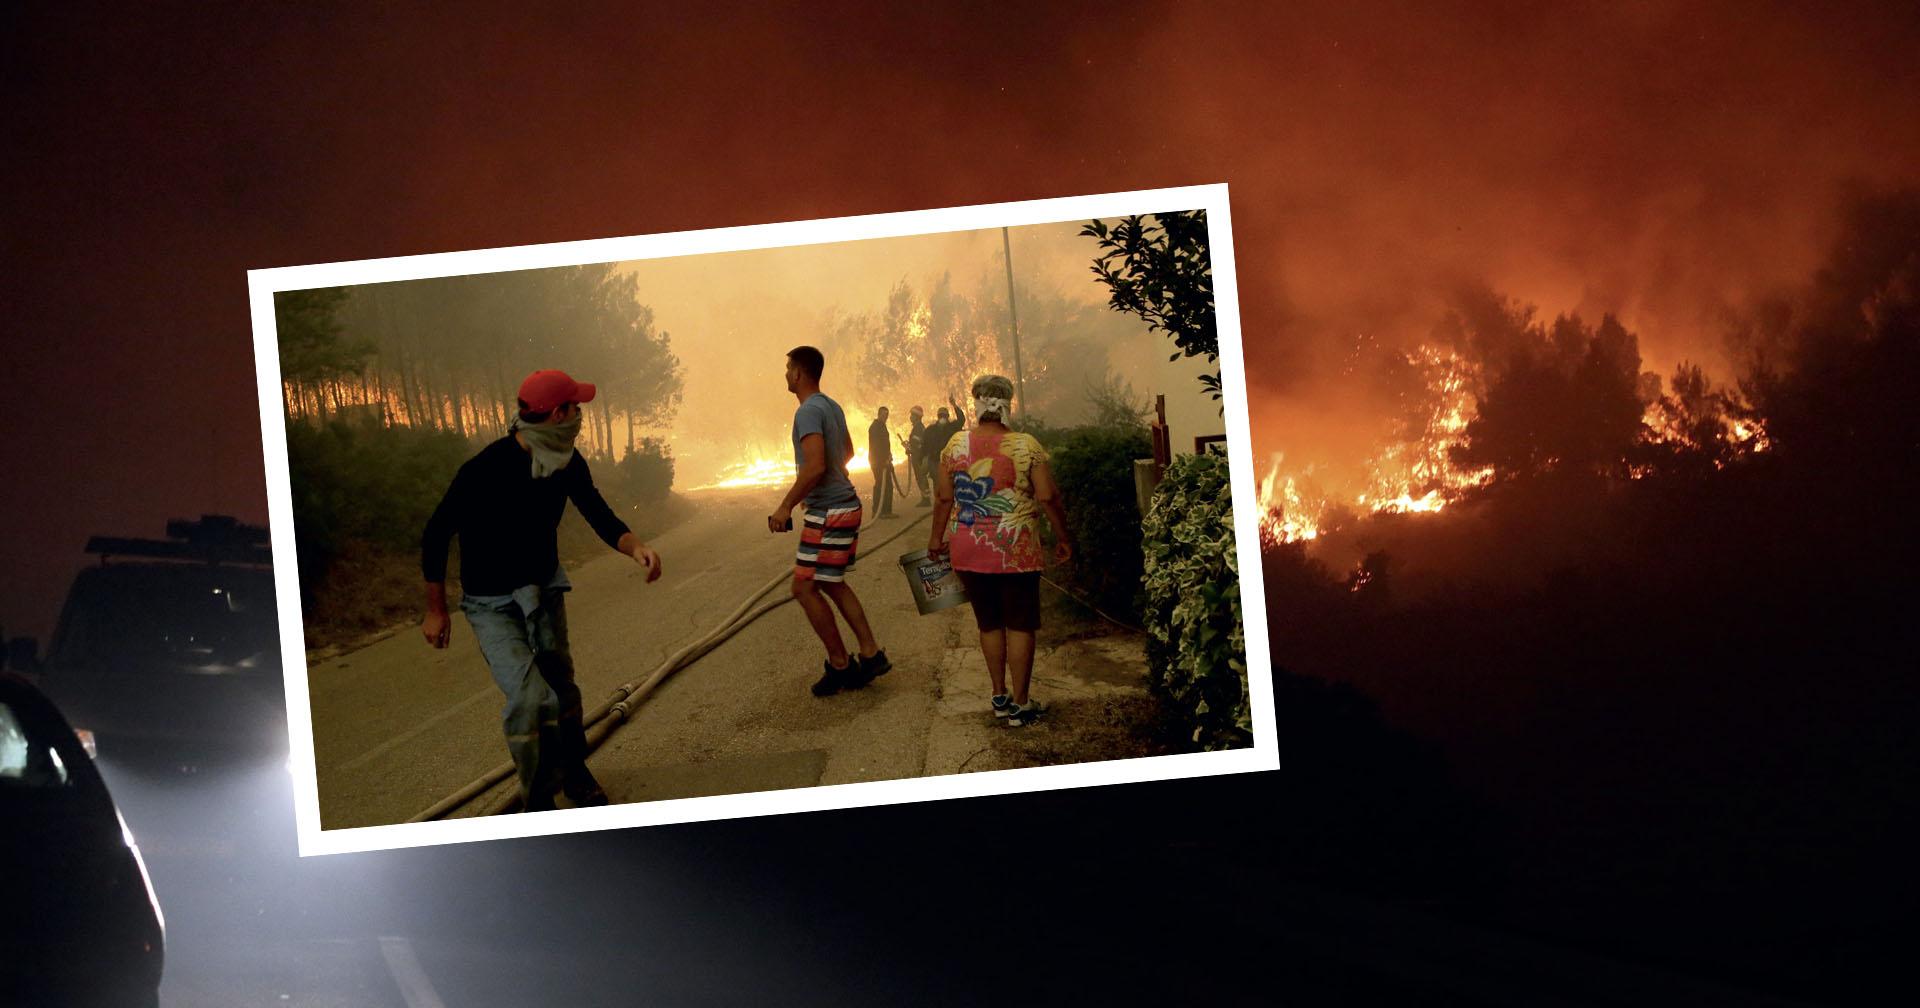 'VATROGASACA JE BILO MALO, vozila i pumpe su se kvarili, a Splićani su golim rukama spašavali grad'